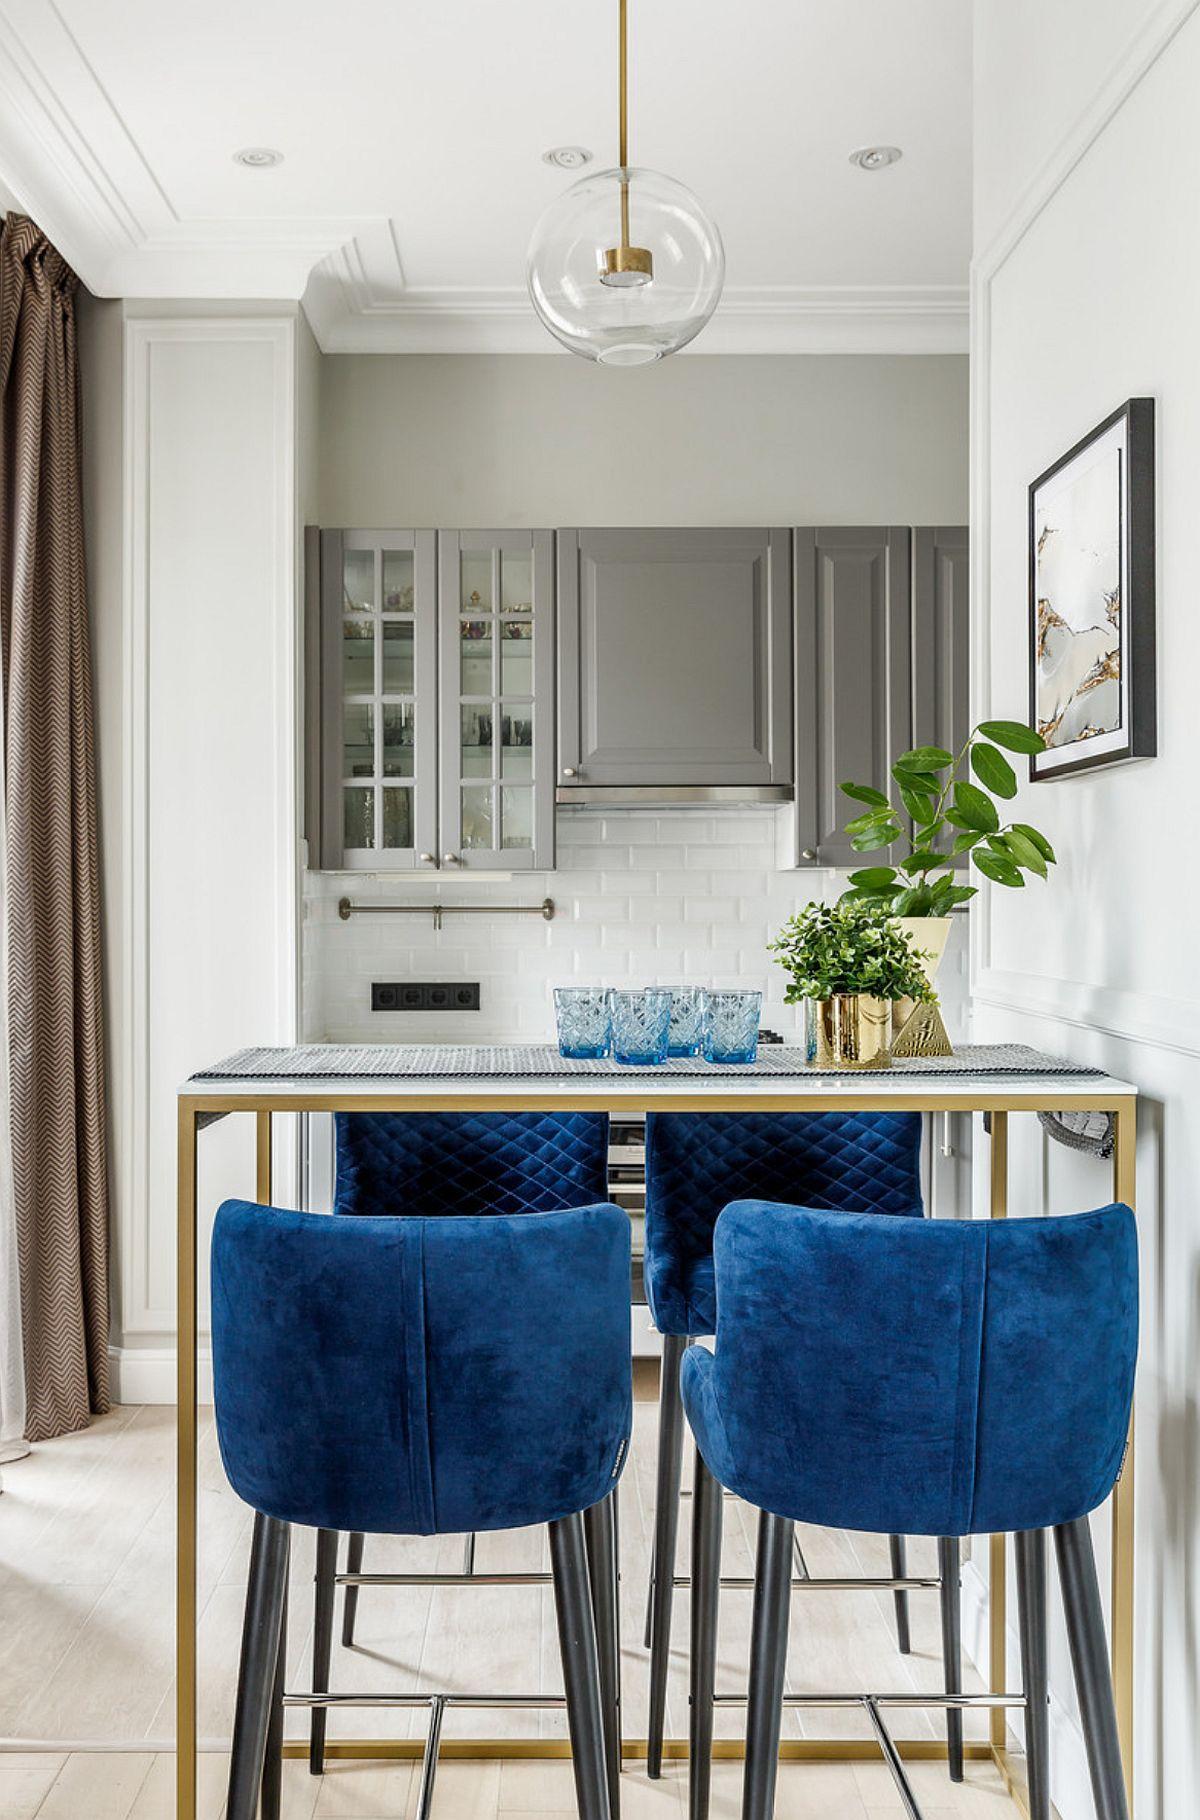 Mobila de bucătărie este parțial vizibilă din zona locului de luat masa, iar finisajul ei este ales în ton cu nuanțele pereților pentru a nu fi create contraste mari de culori.